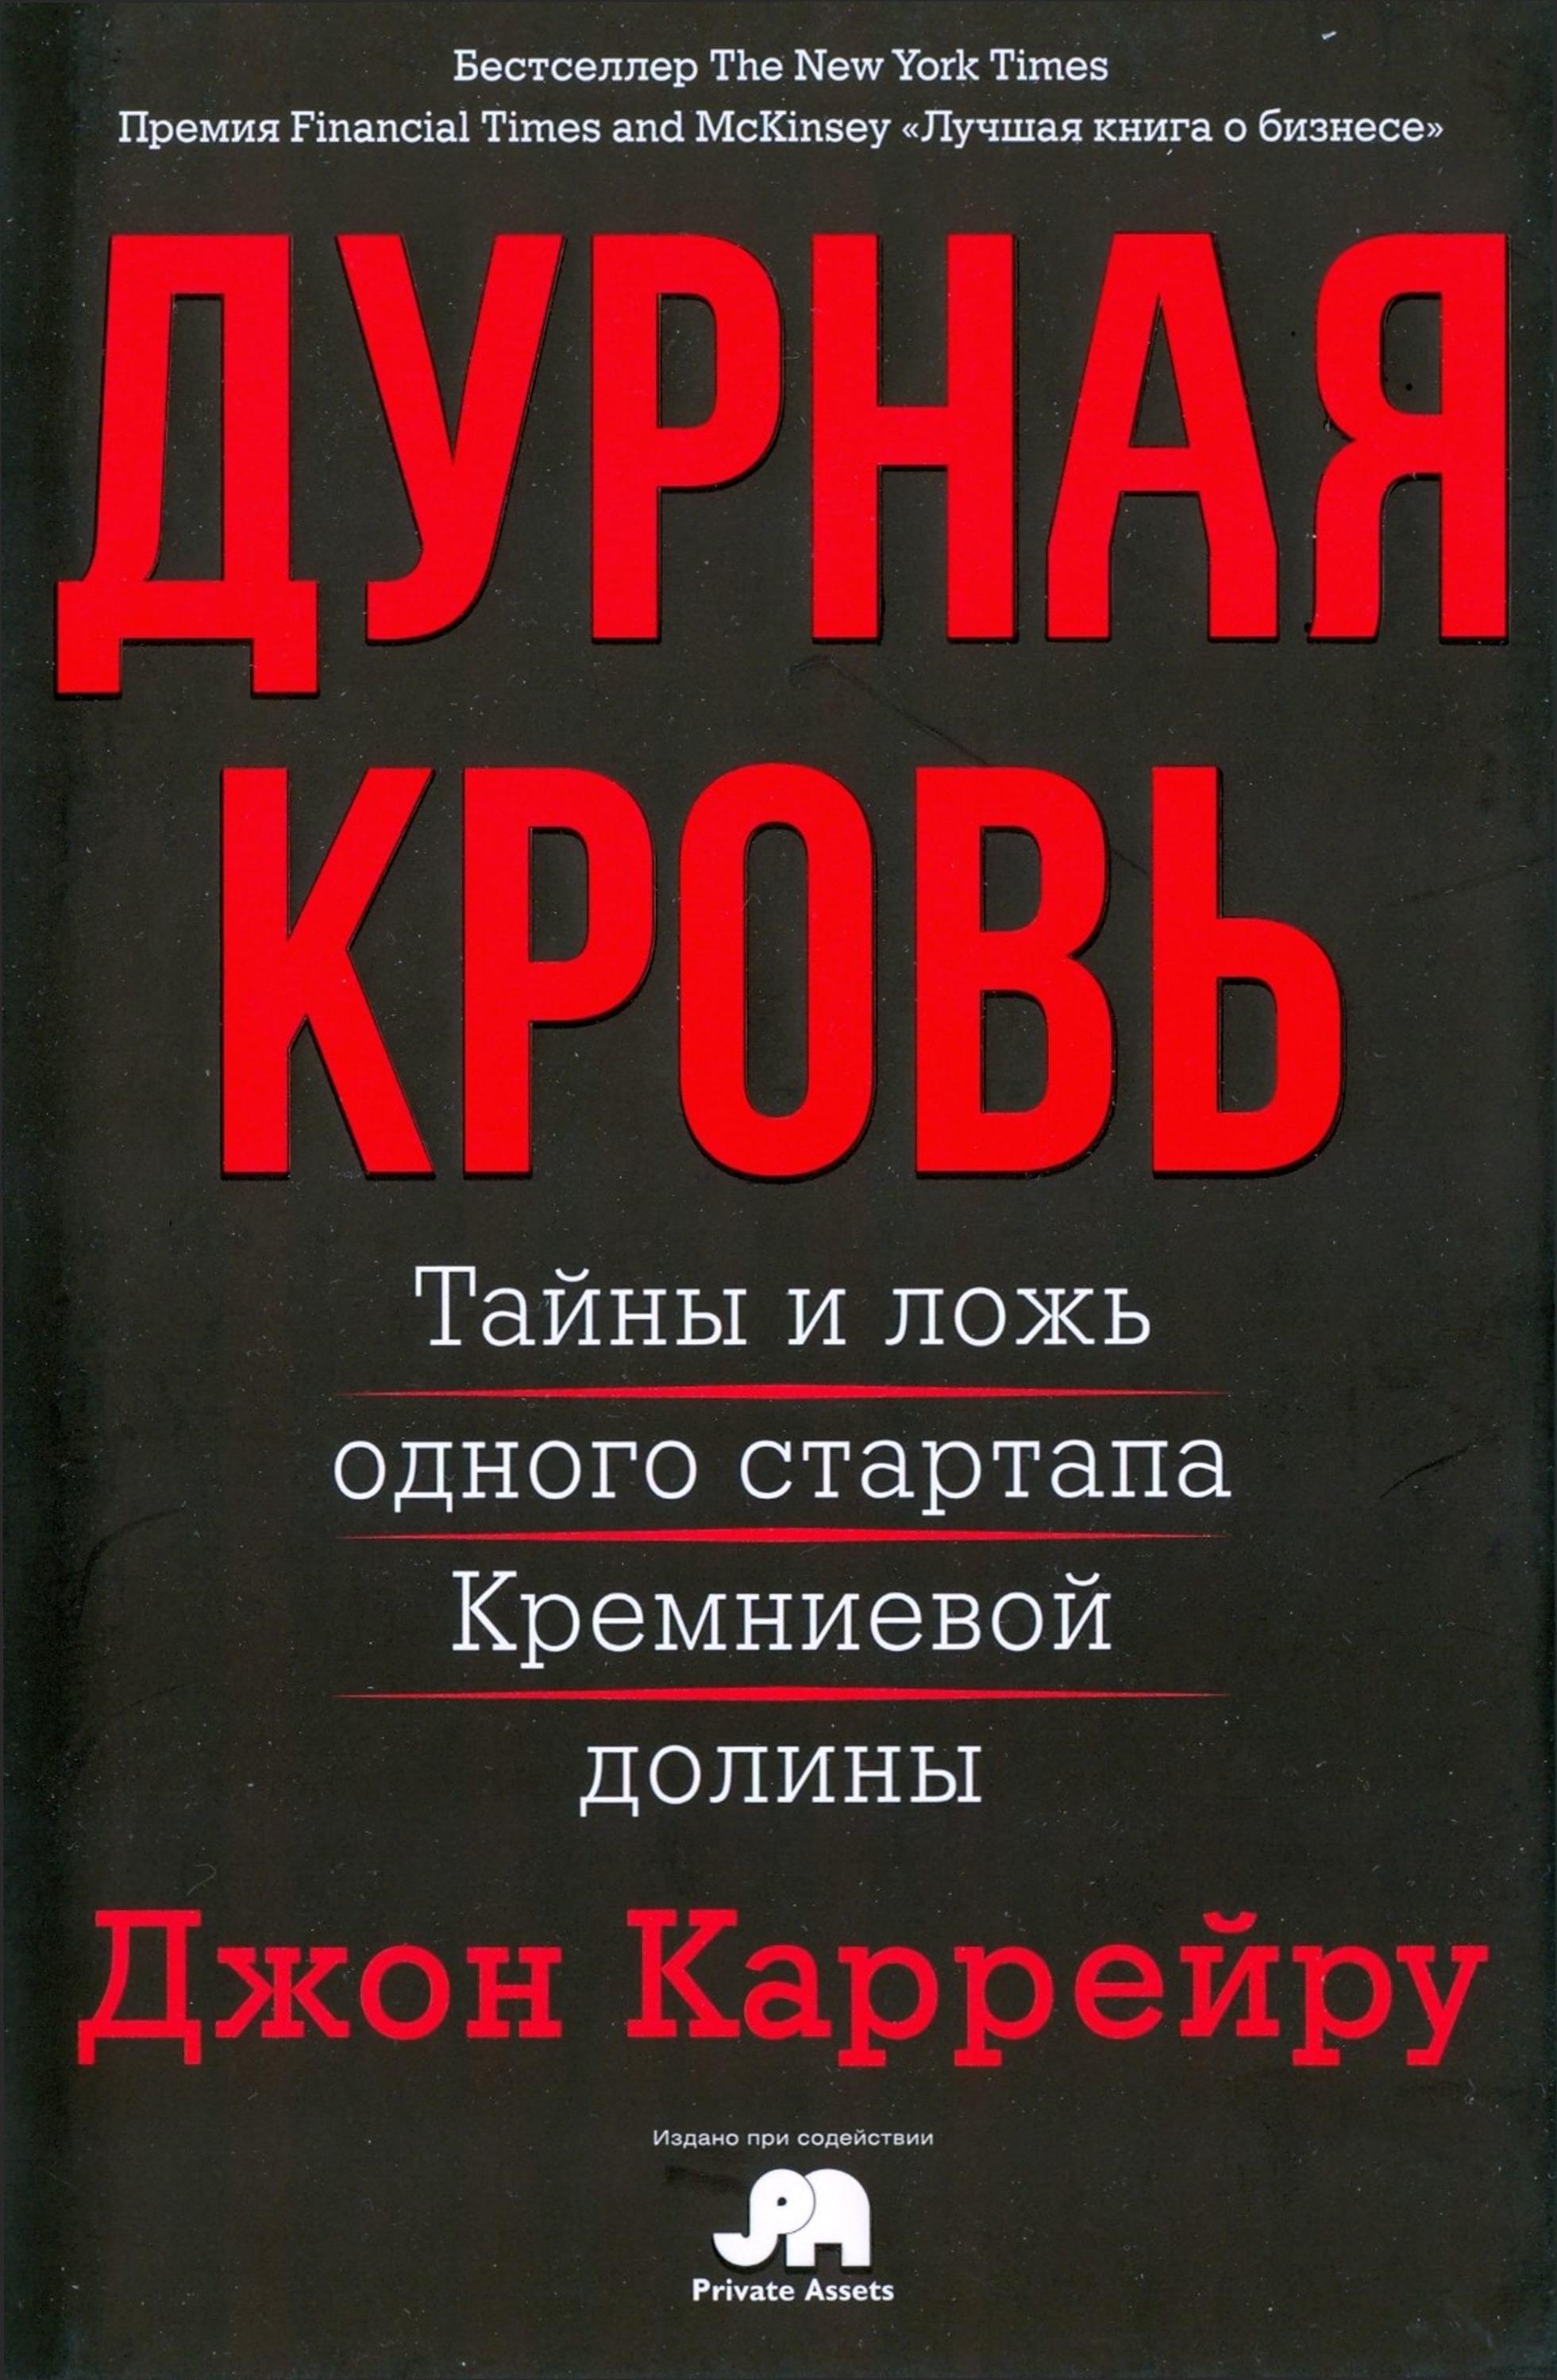 Так выглядит обложка книги про миллионершу-обманщицу